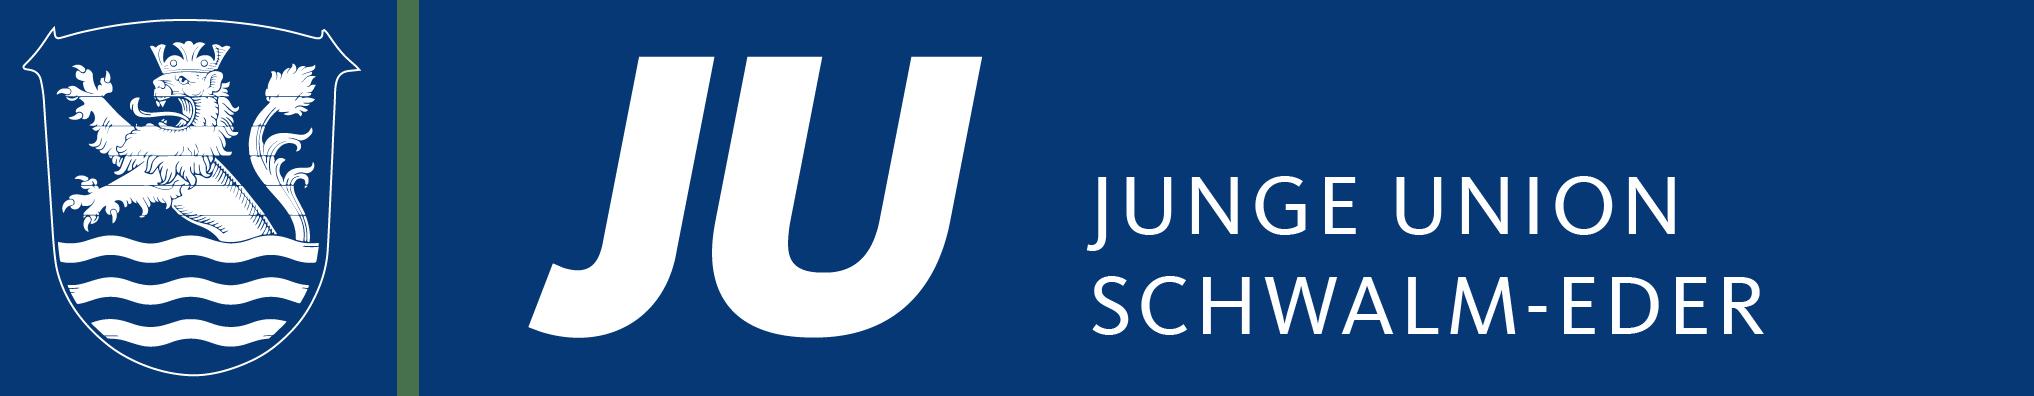 Logo von Junge Union Schwalm-Eder